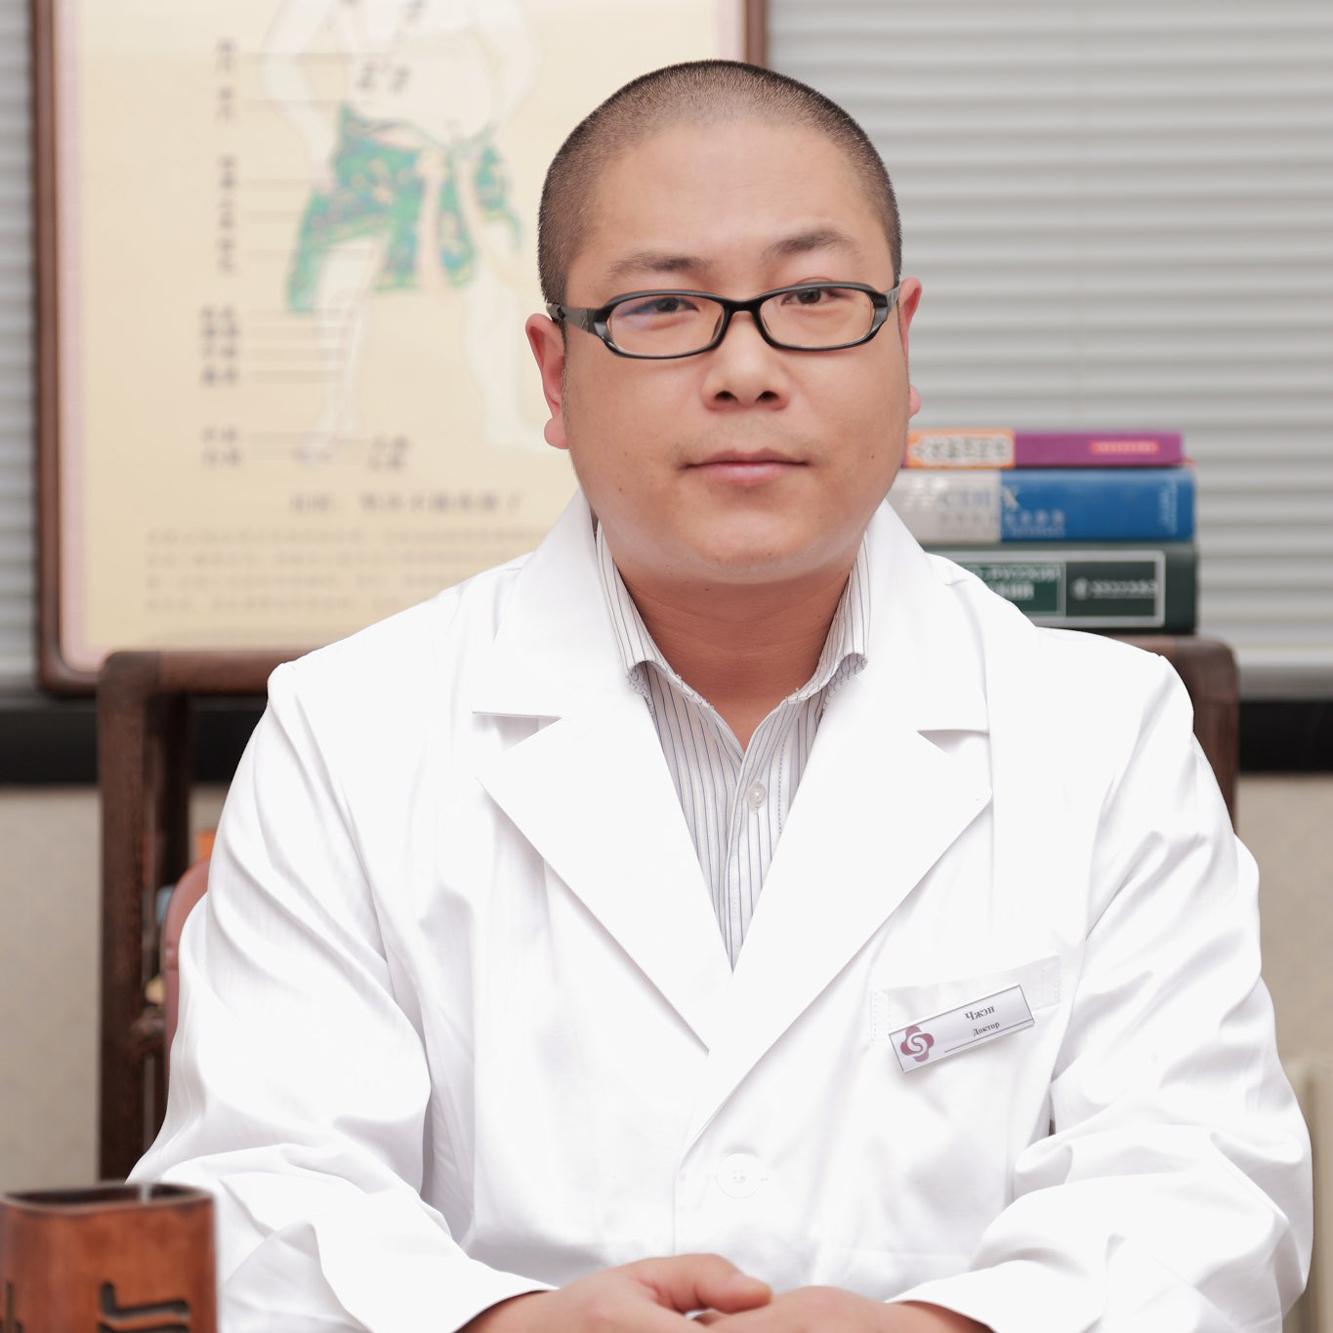 Чжэн Вэнь Цзин